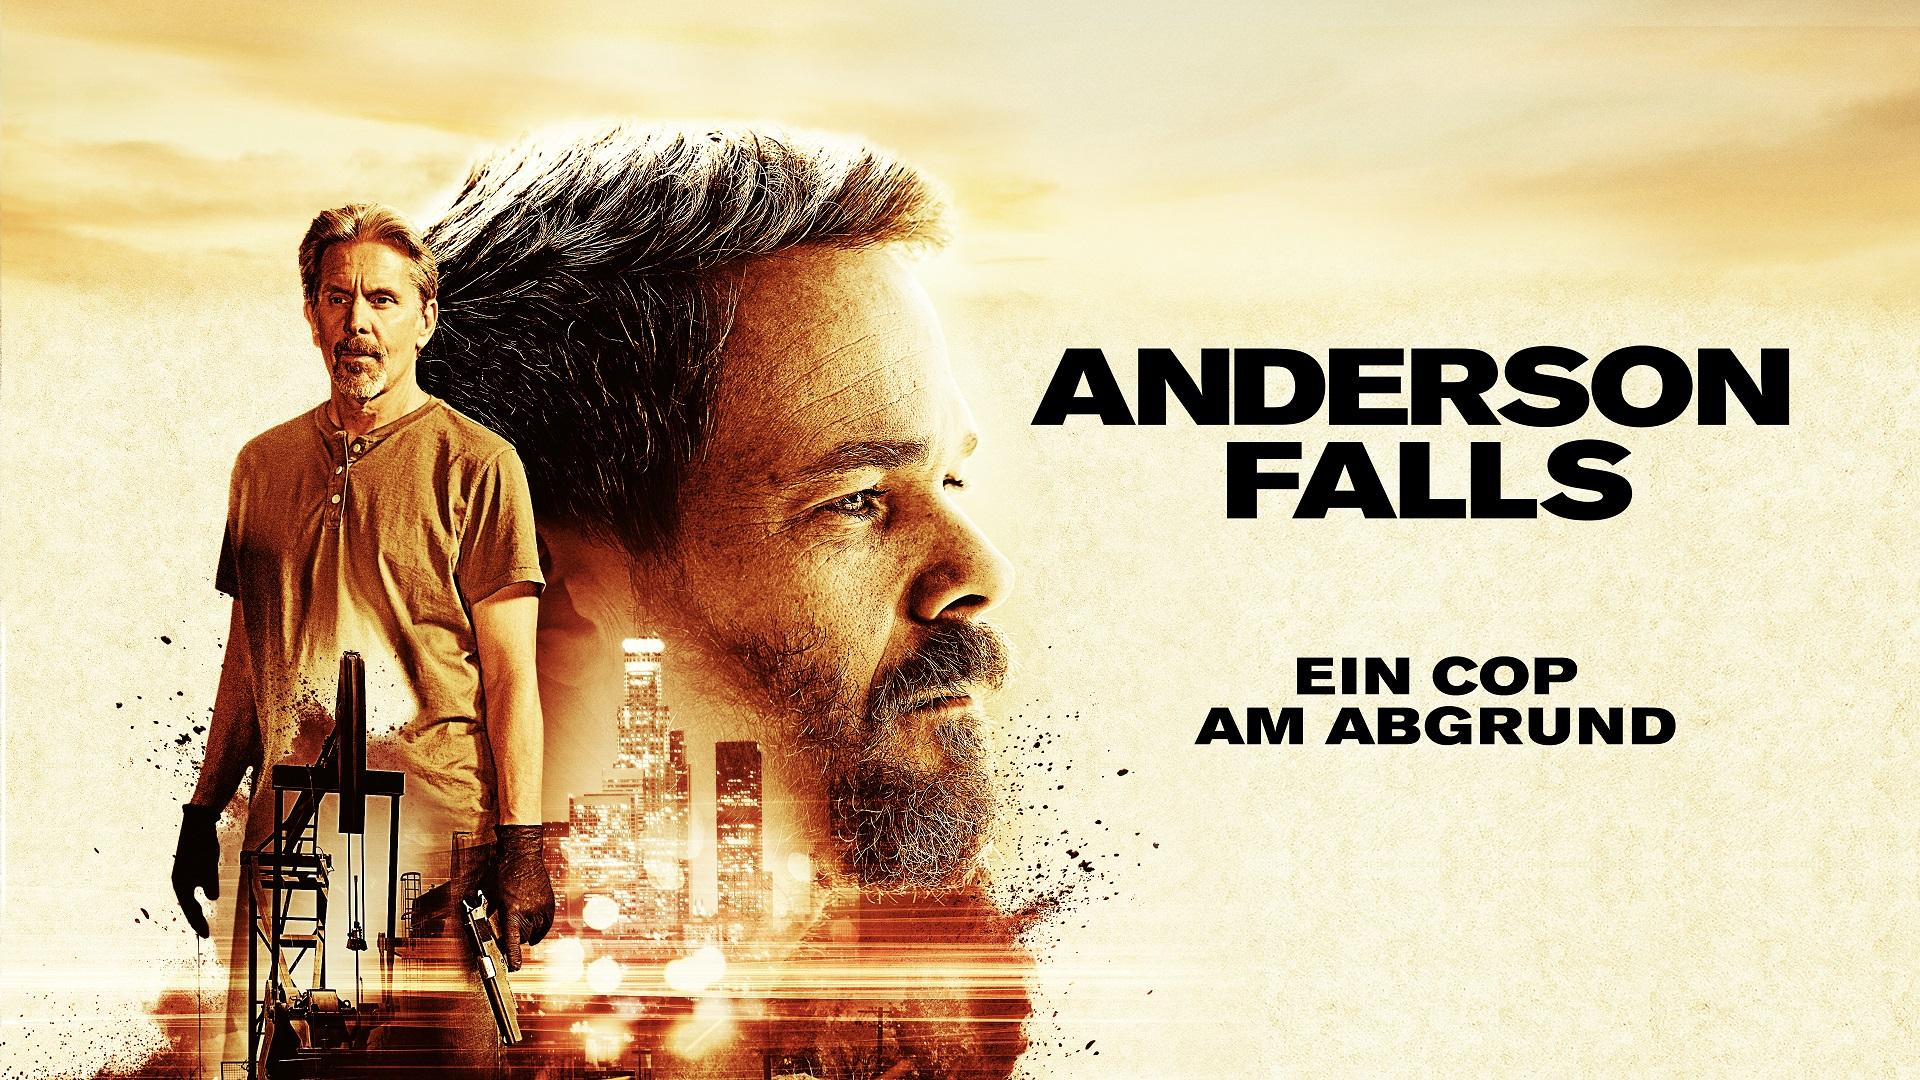 Anderson Falls - Ein Cop am Abgrund